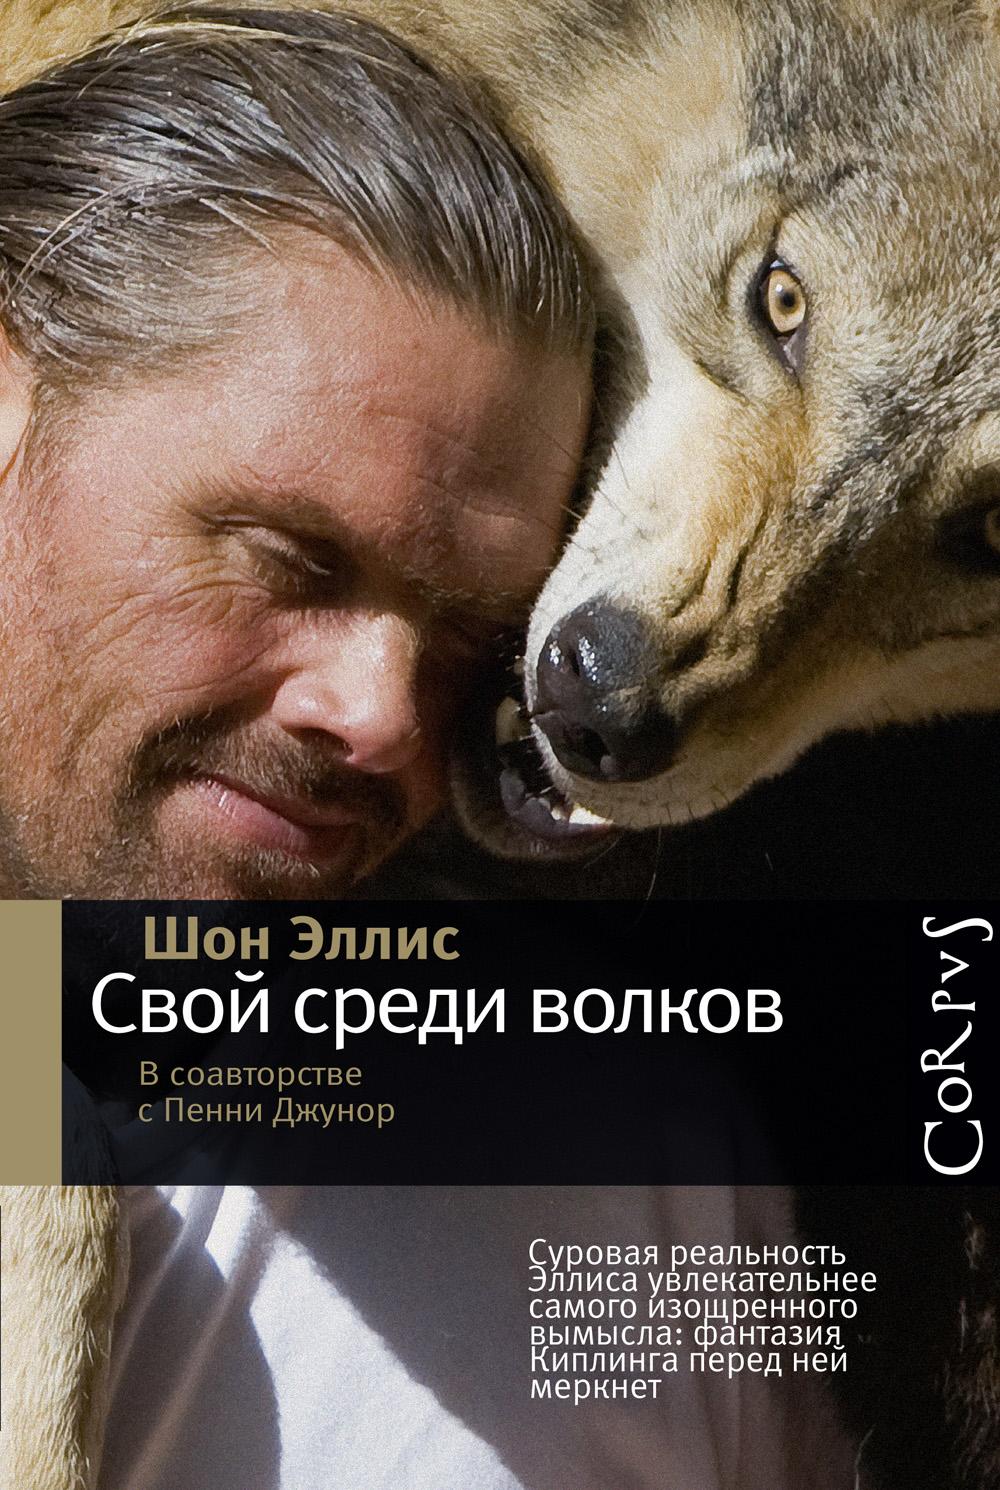 Скачать книгу шон эллис свой среди волков